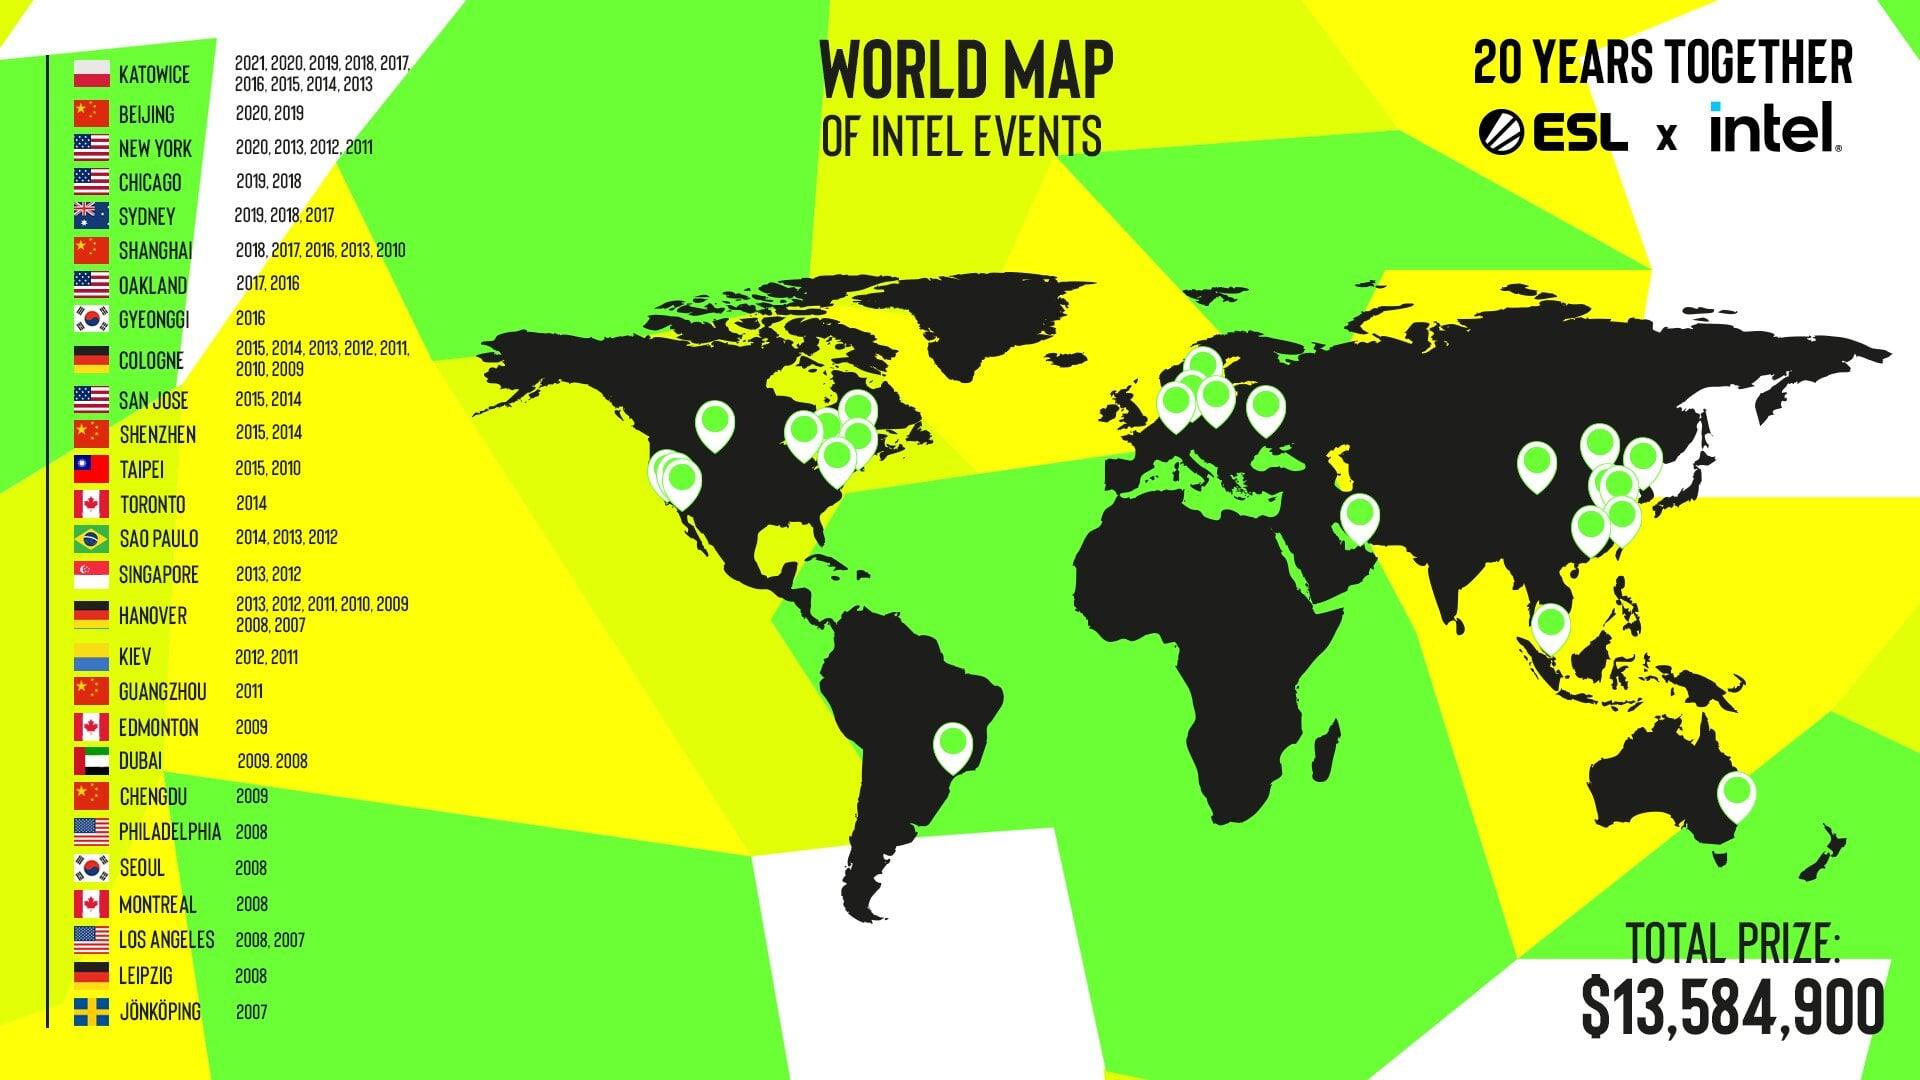 ESL перепутала цвета на флаге Украины на карте со всеми городами, в которых проходили турниры серии Intel